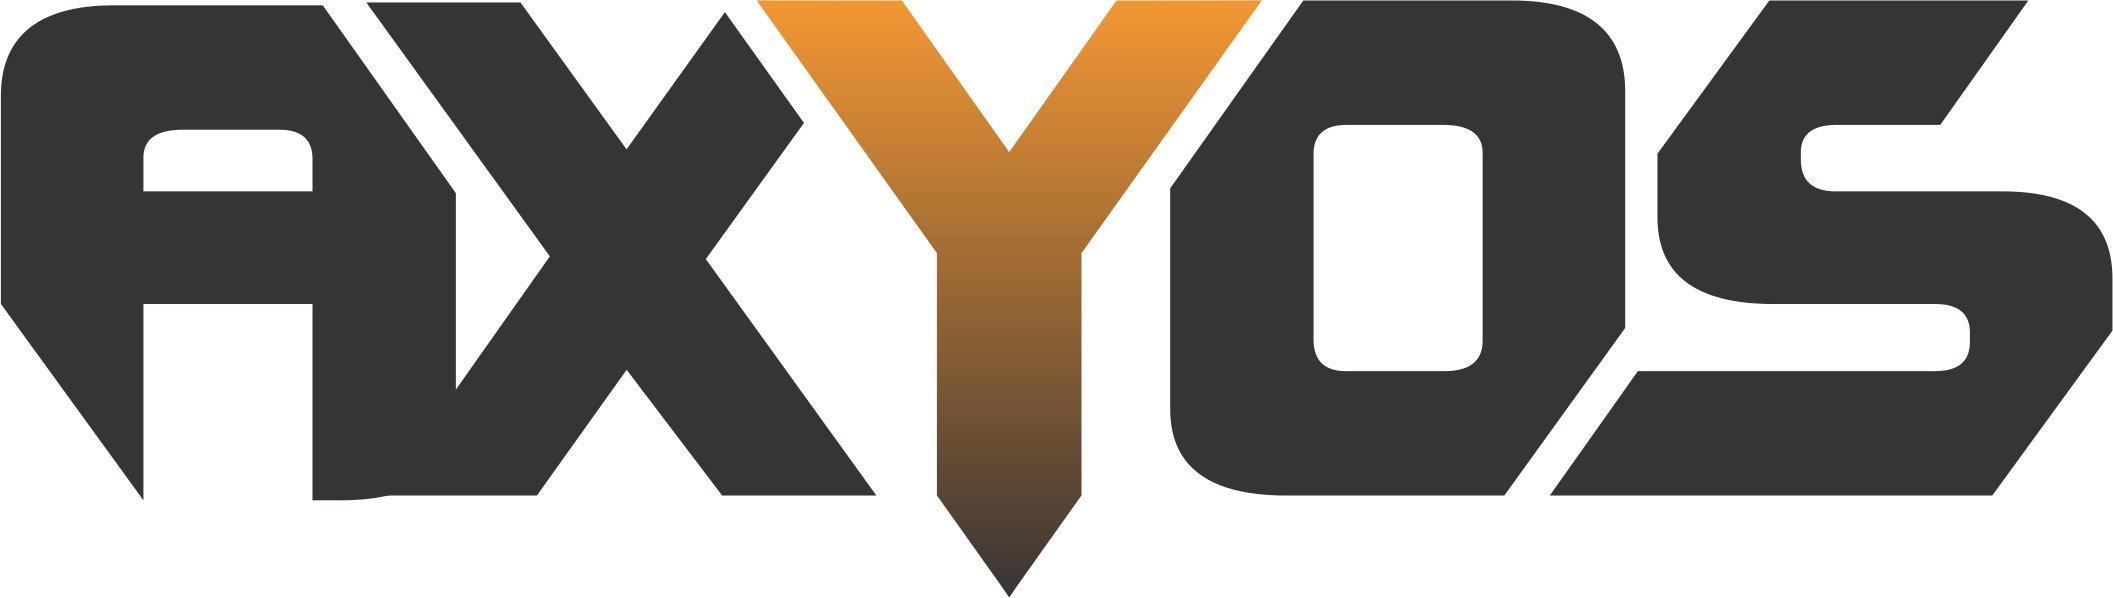 AXYOS готовится к переходу от Alpha к Beta. - Изображение 1